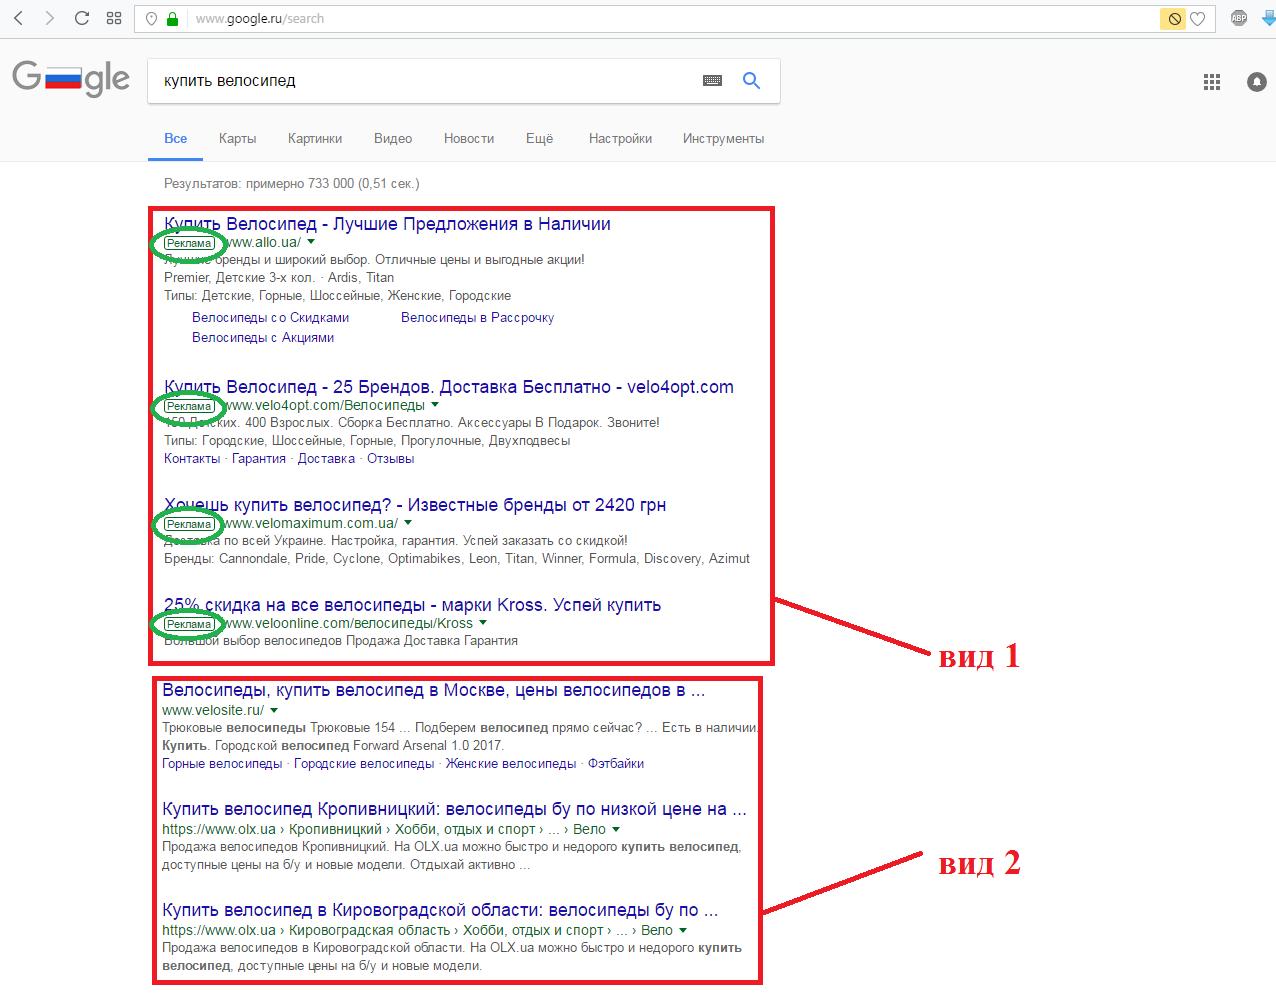 Два вида результатов поиска